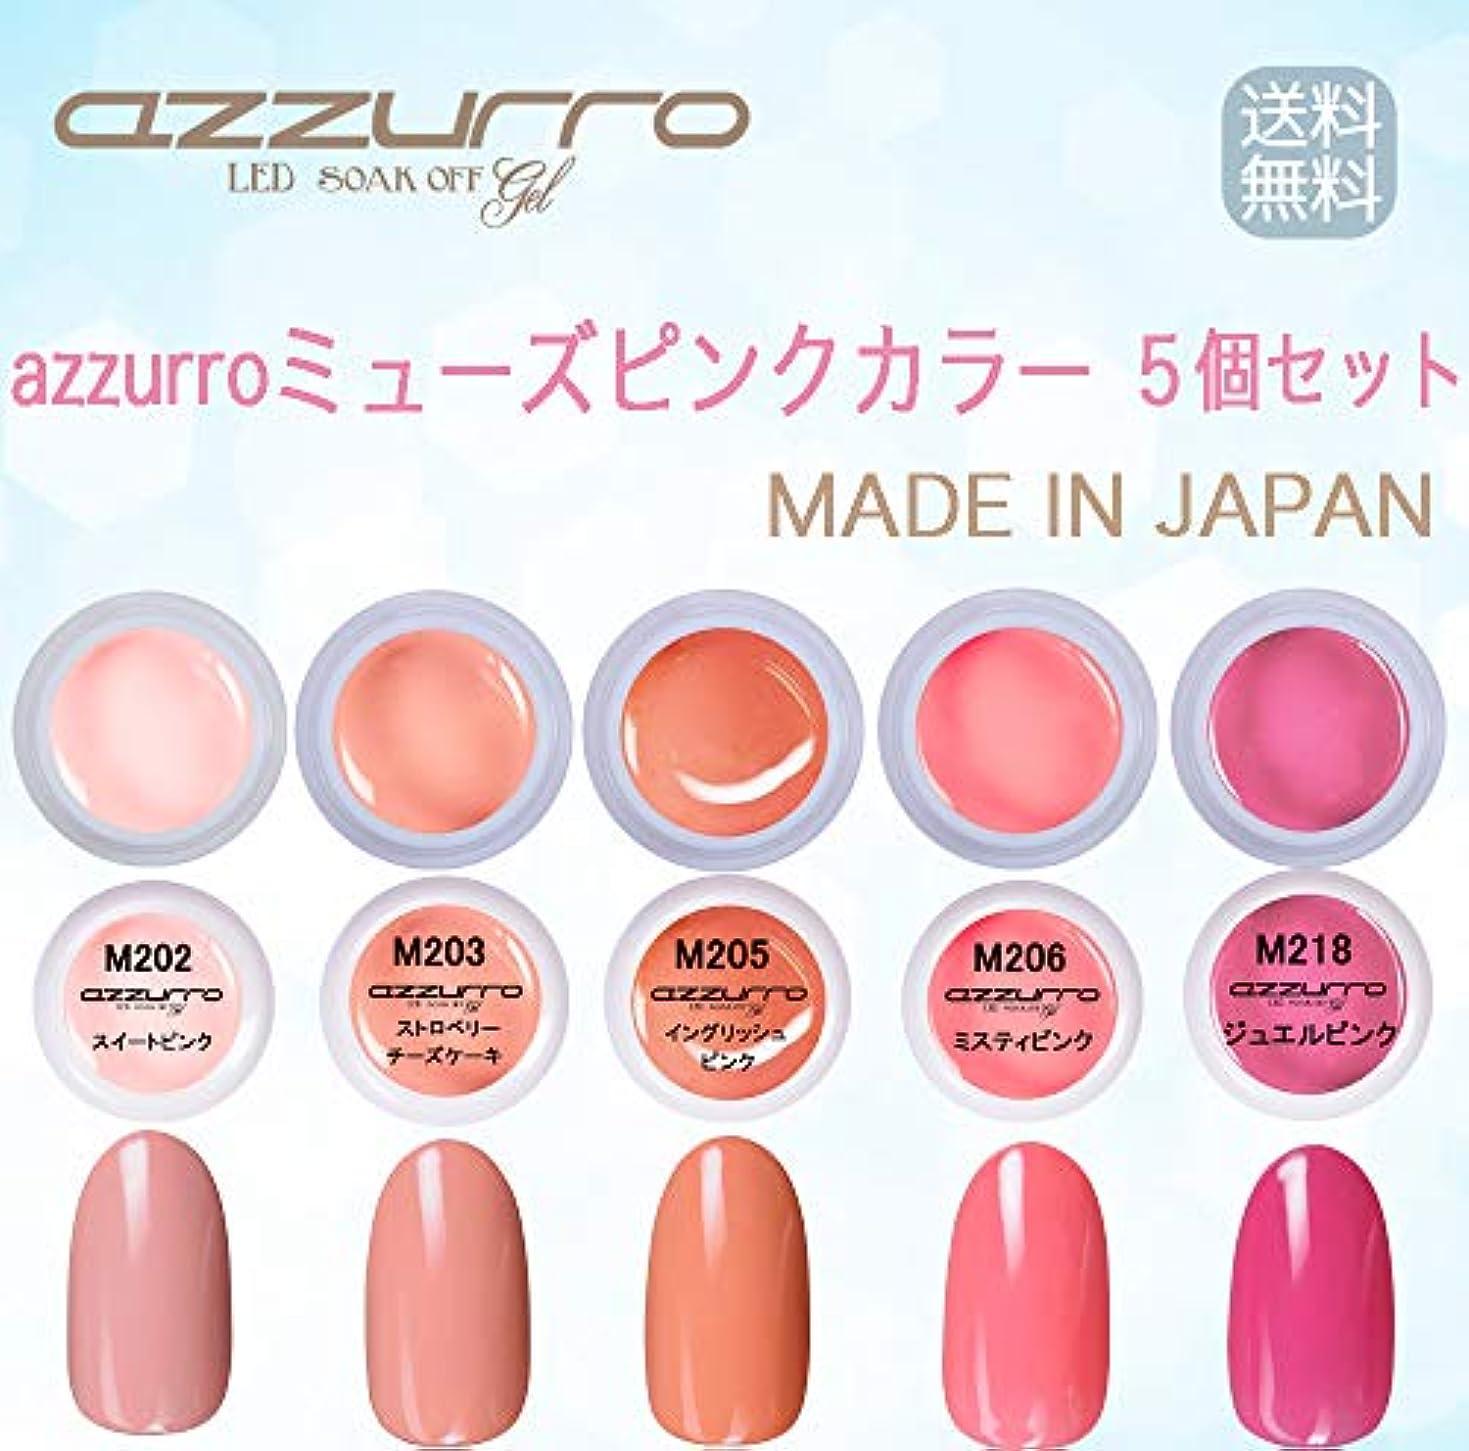 掃除治す類似性【送料無料】日本製 azzurro gel ミューズピンクカラージェル5個セット 春色にもかかせないマットコートとスモーキーパステルカラー